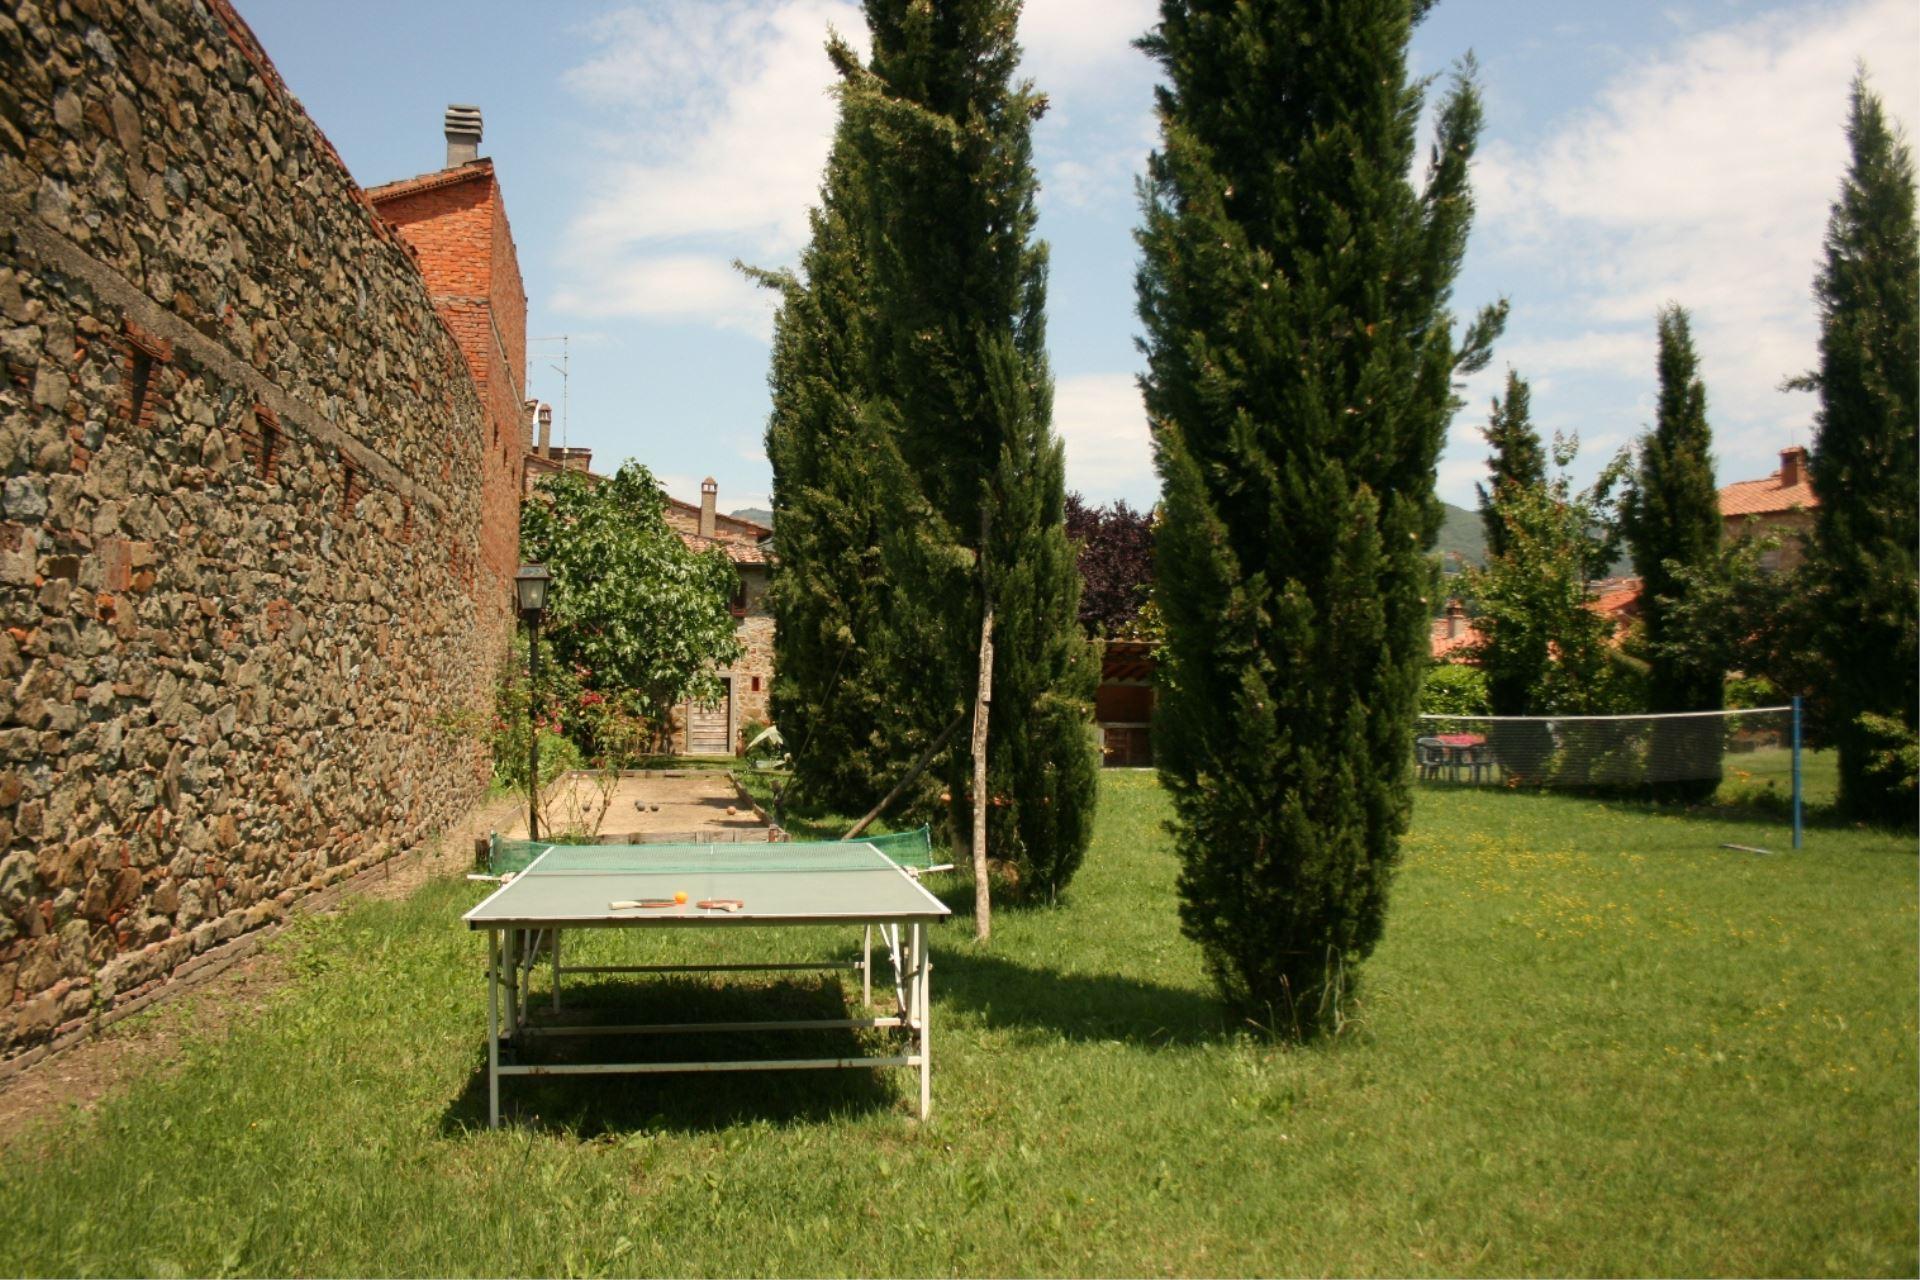 VILLAS WITH POOL VILLA POZZONOVO CASTIGLION FIORENTINO TOSCANA